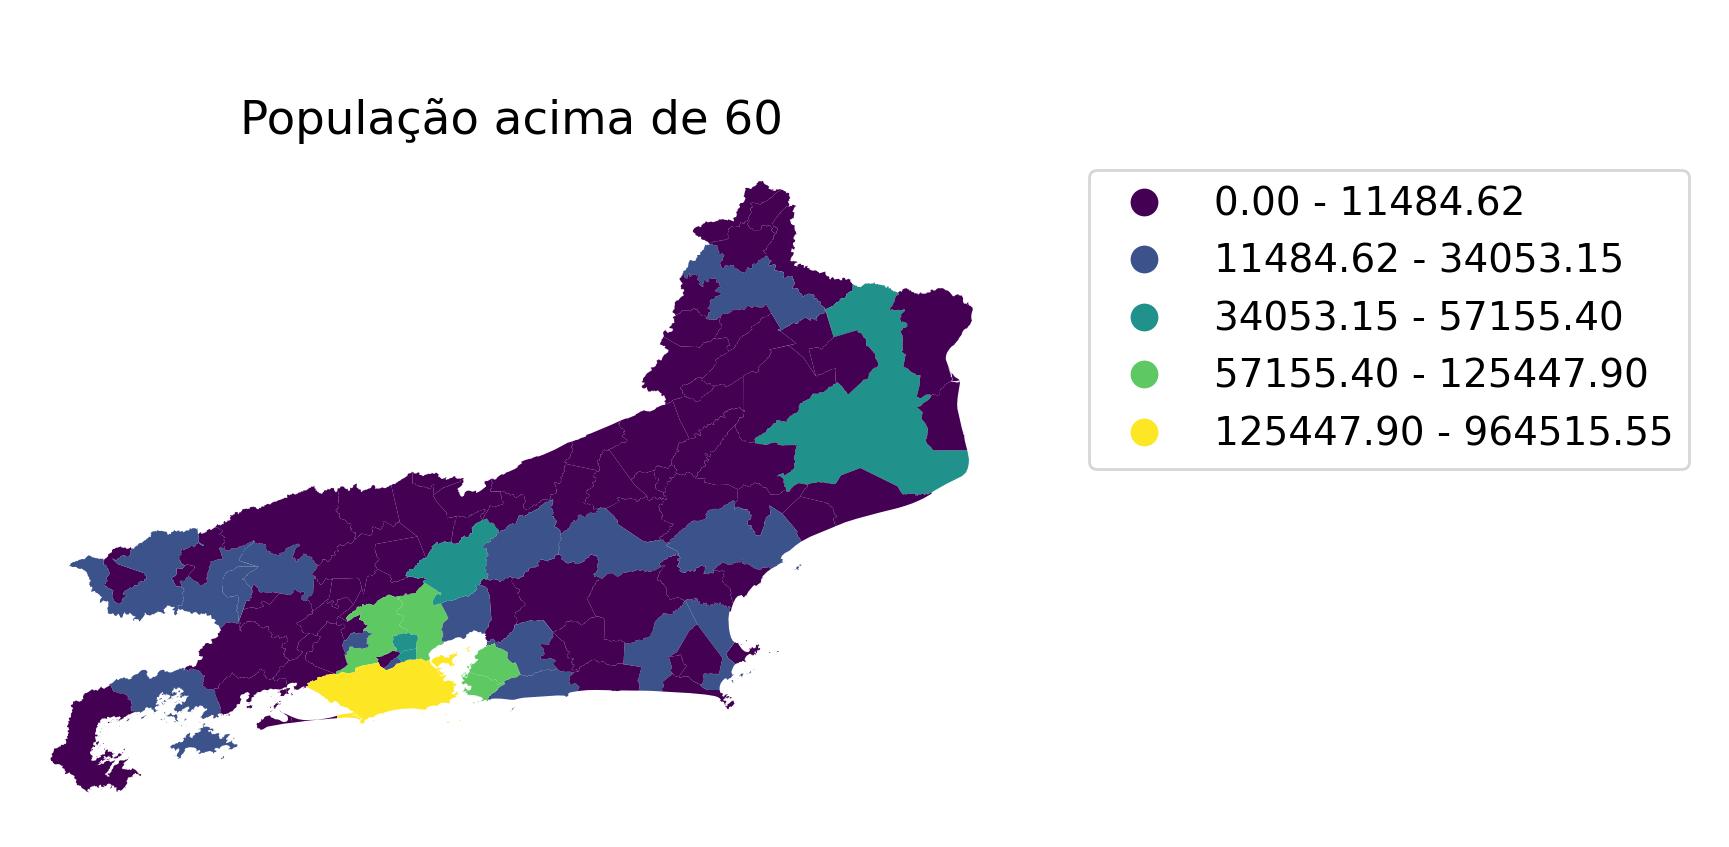 Nova Iguaçu e Duque de Caxias, em verde claro no mapa, possuem as maiores populações de idosos da região.Reprodução/Fiocruz/FGV